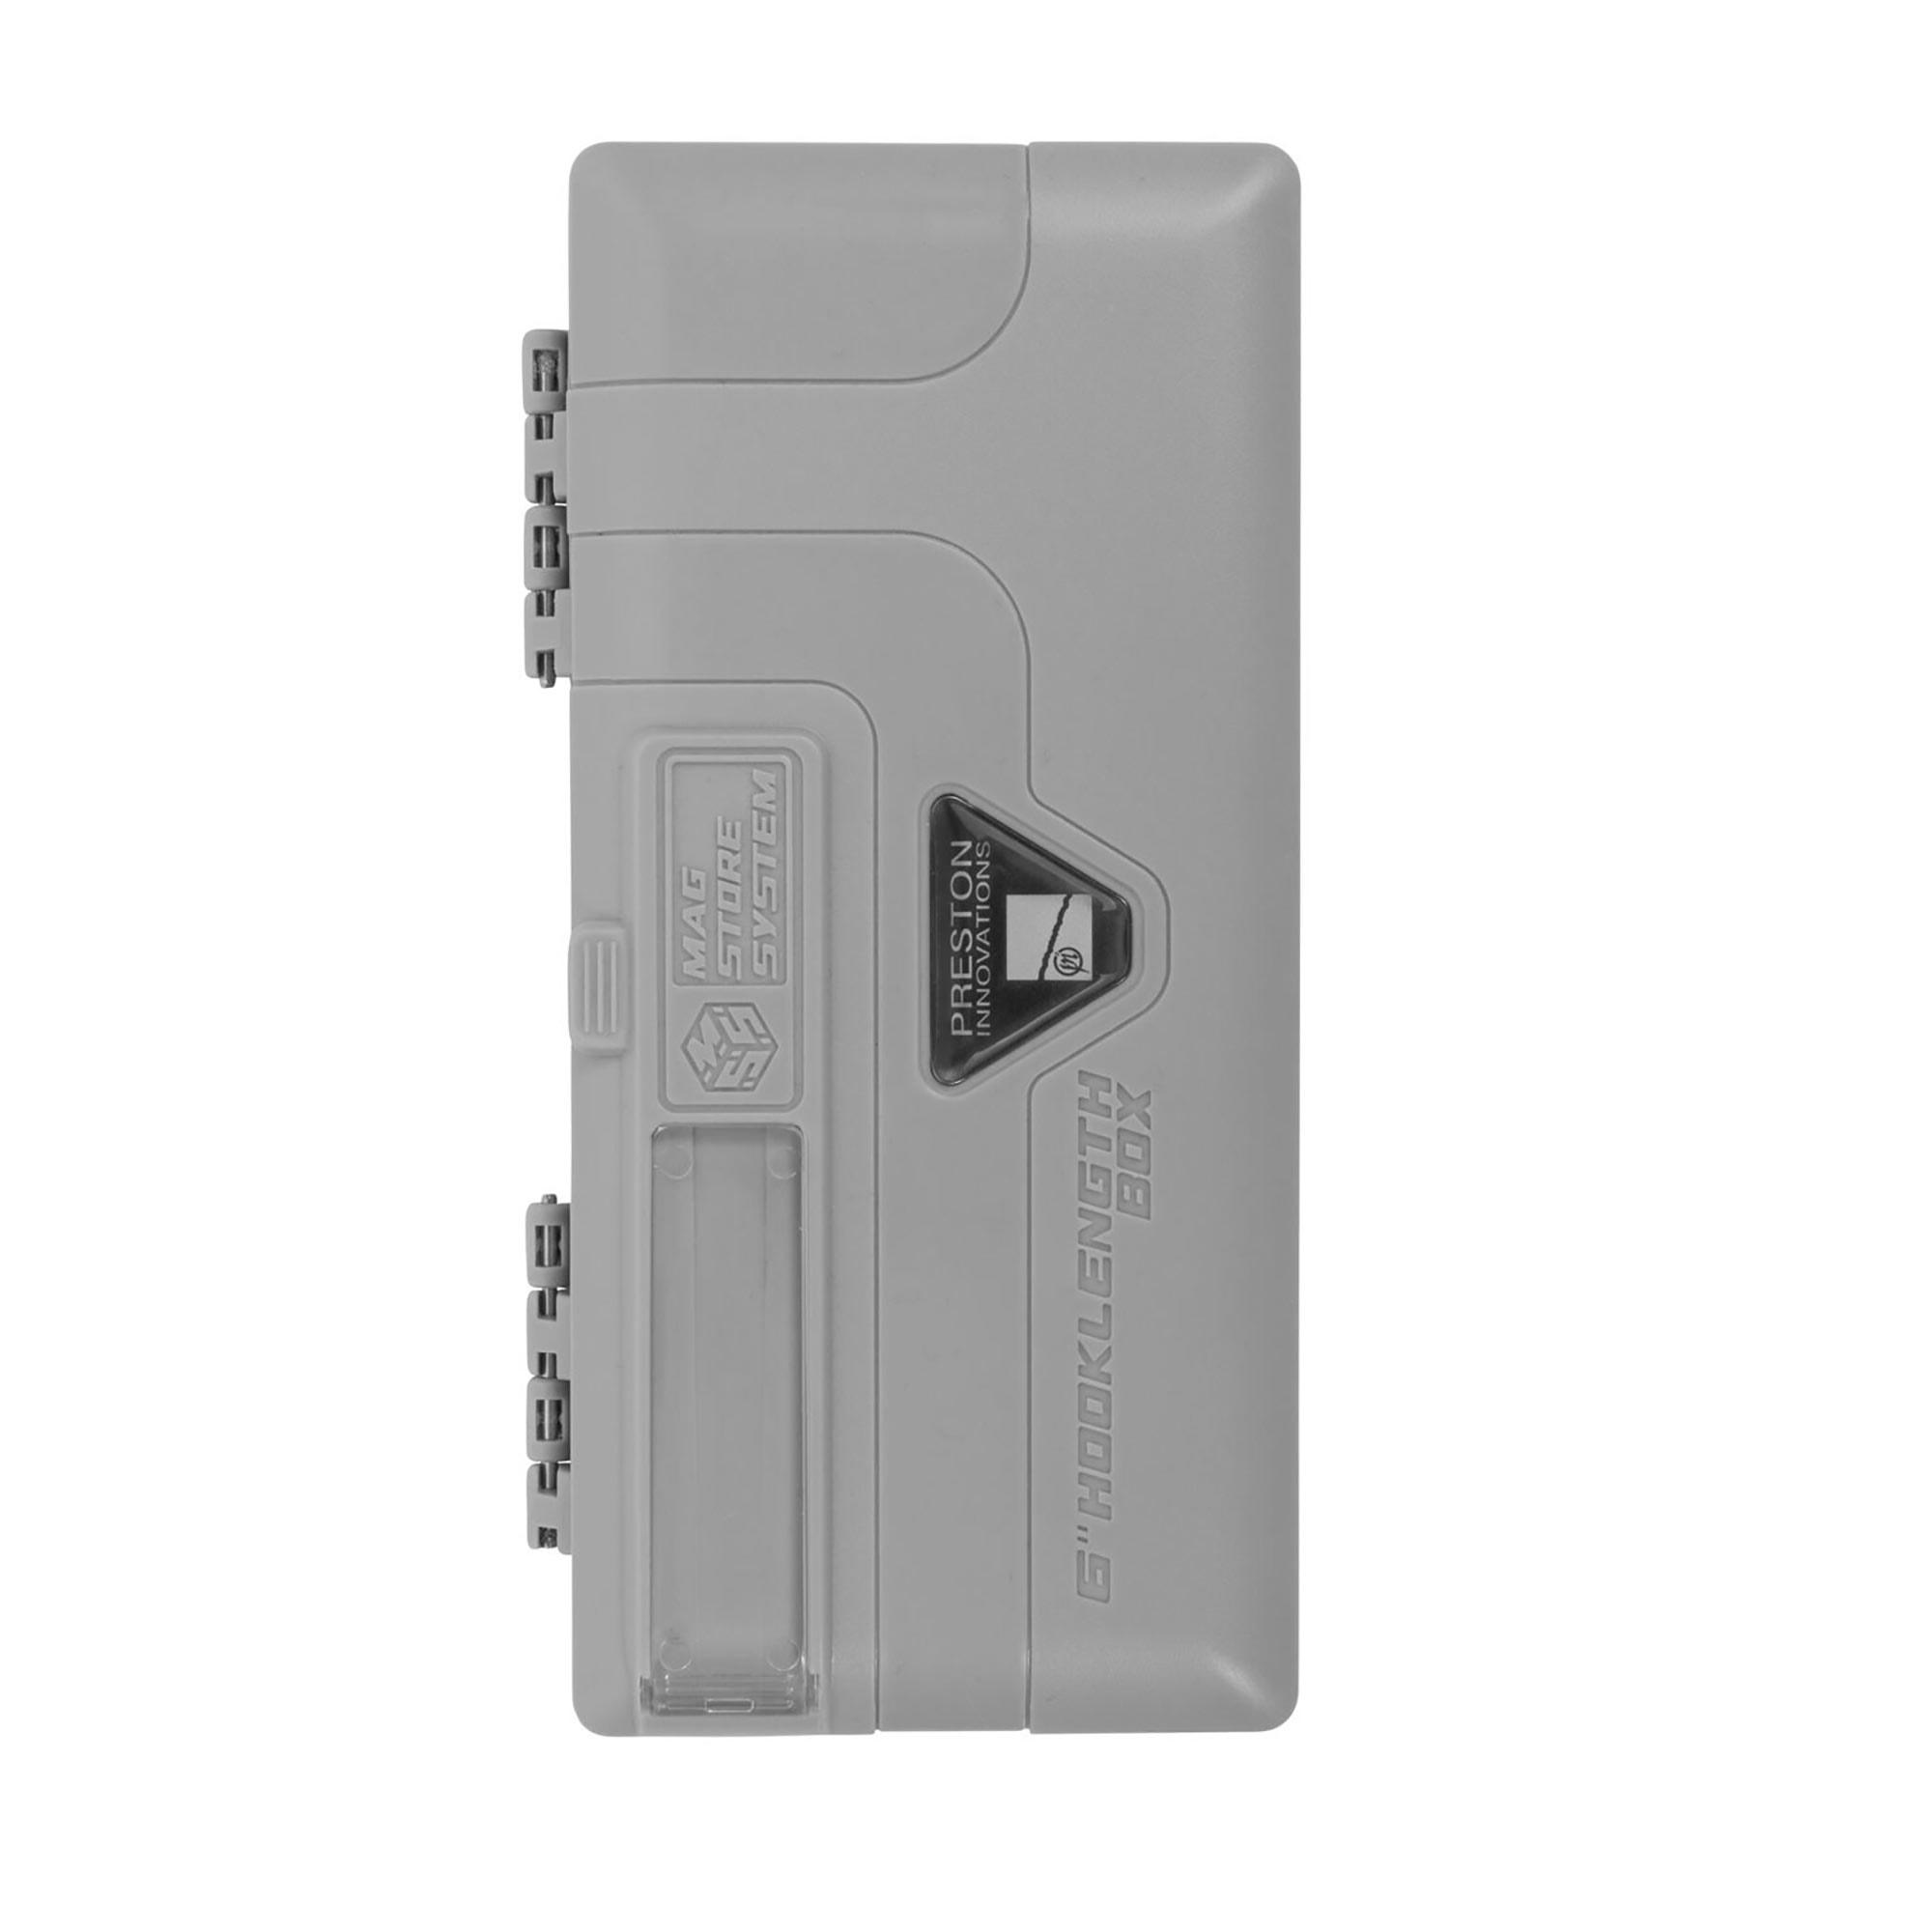 Box porta finali Mag Store (grigio senza ricambi) PRESTON 15 cm